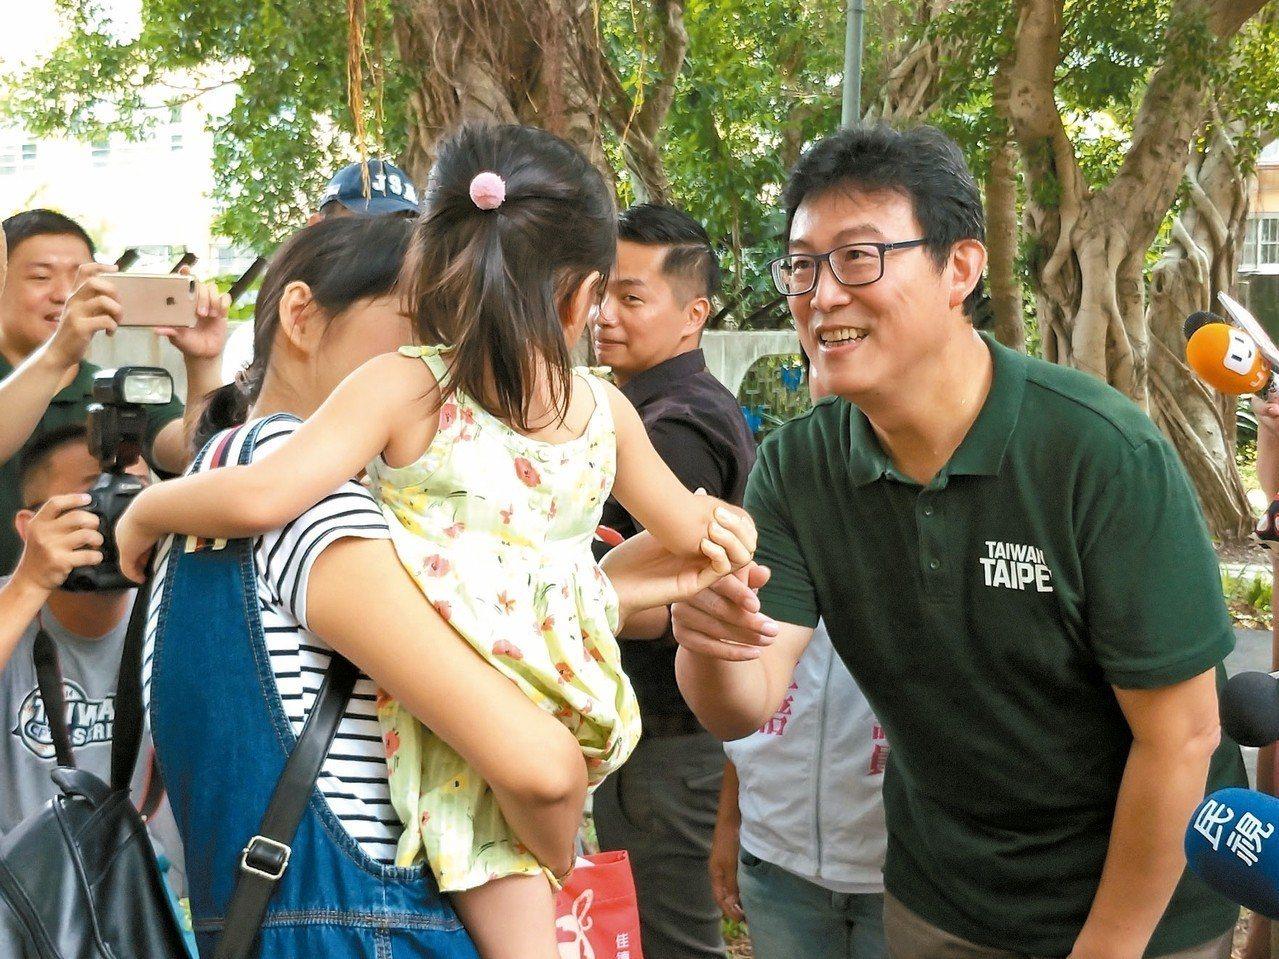 民進黨台北市長參選人姚文智(右)昨至三民公園拜票,並向民眾說明自己的育兒政見。 ...